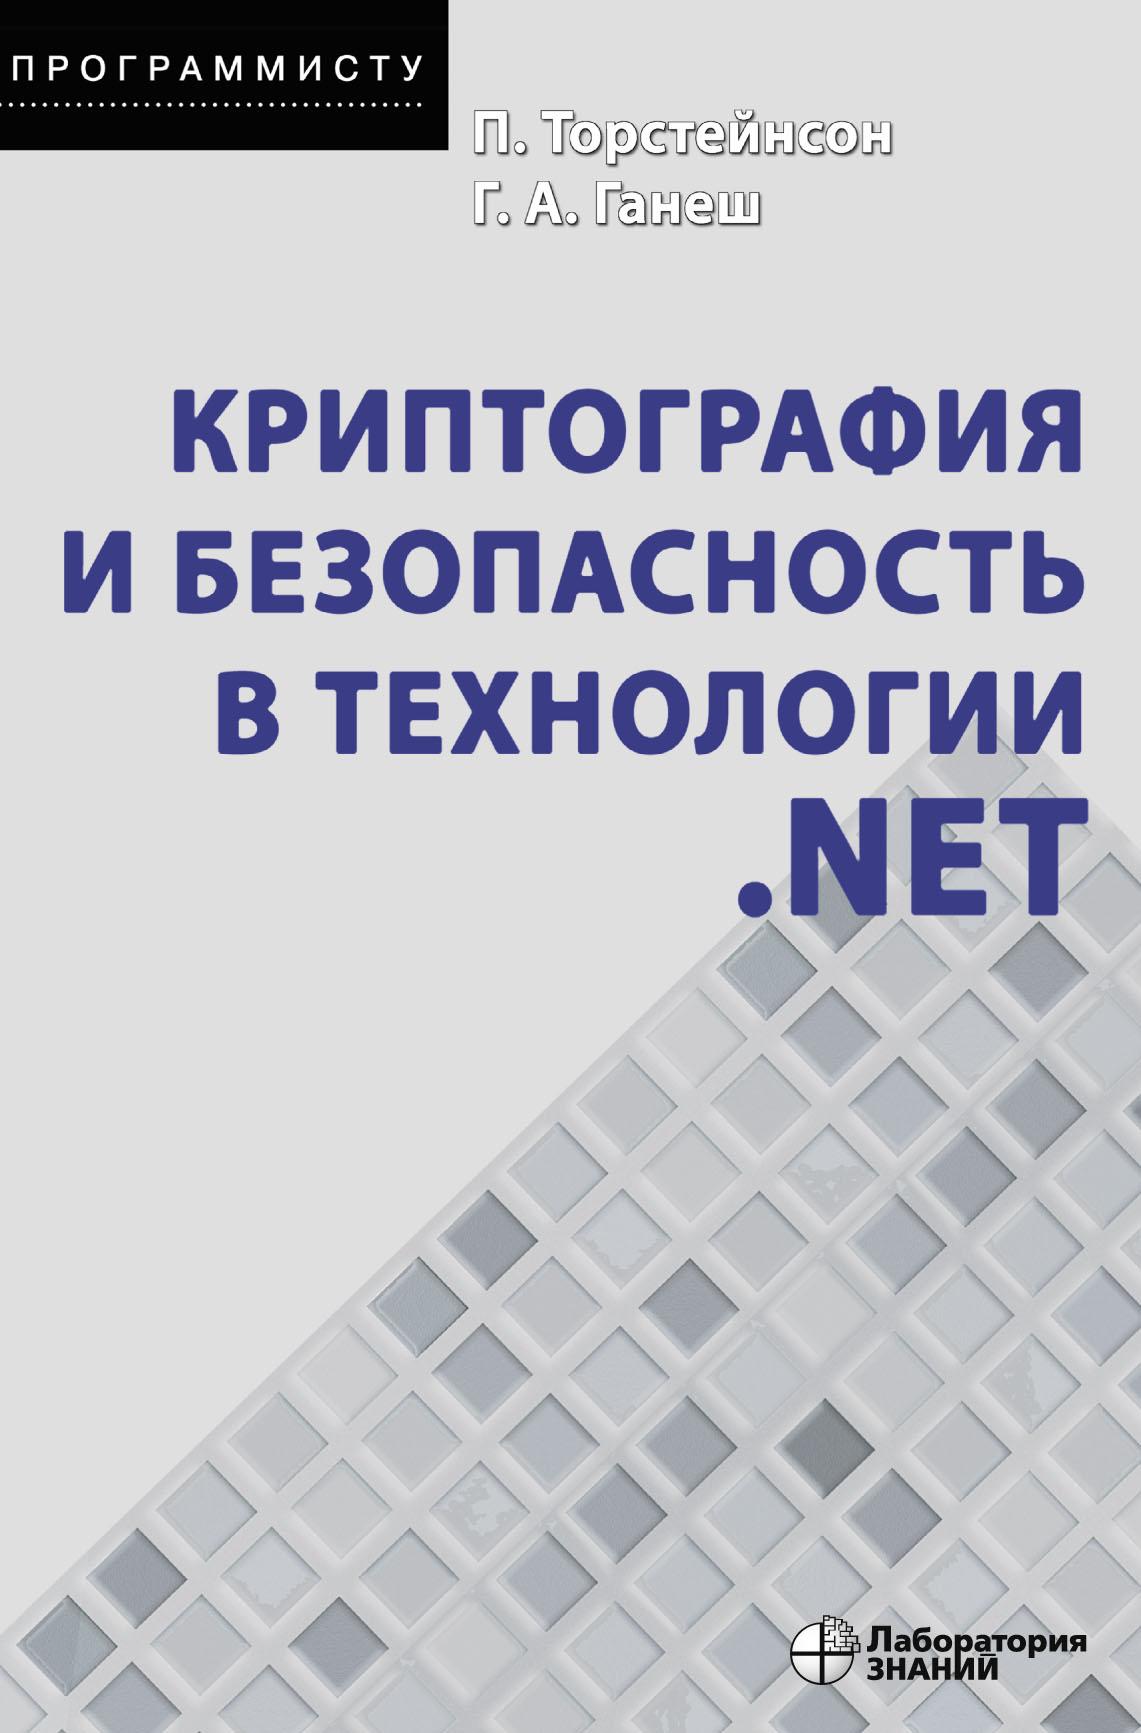 Питер Торстейнсон Криптография и безопасность в технологии .NET кристиан венц программирование в asp net ajax